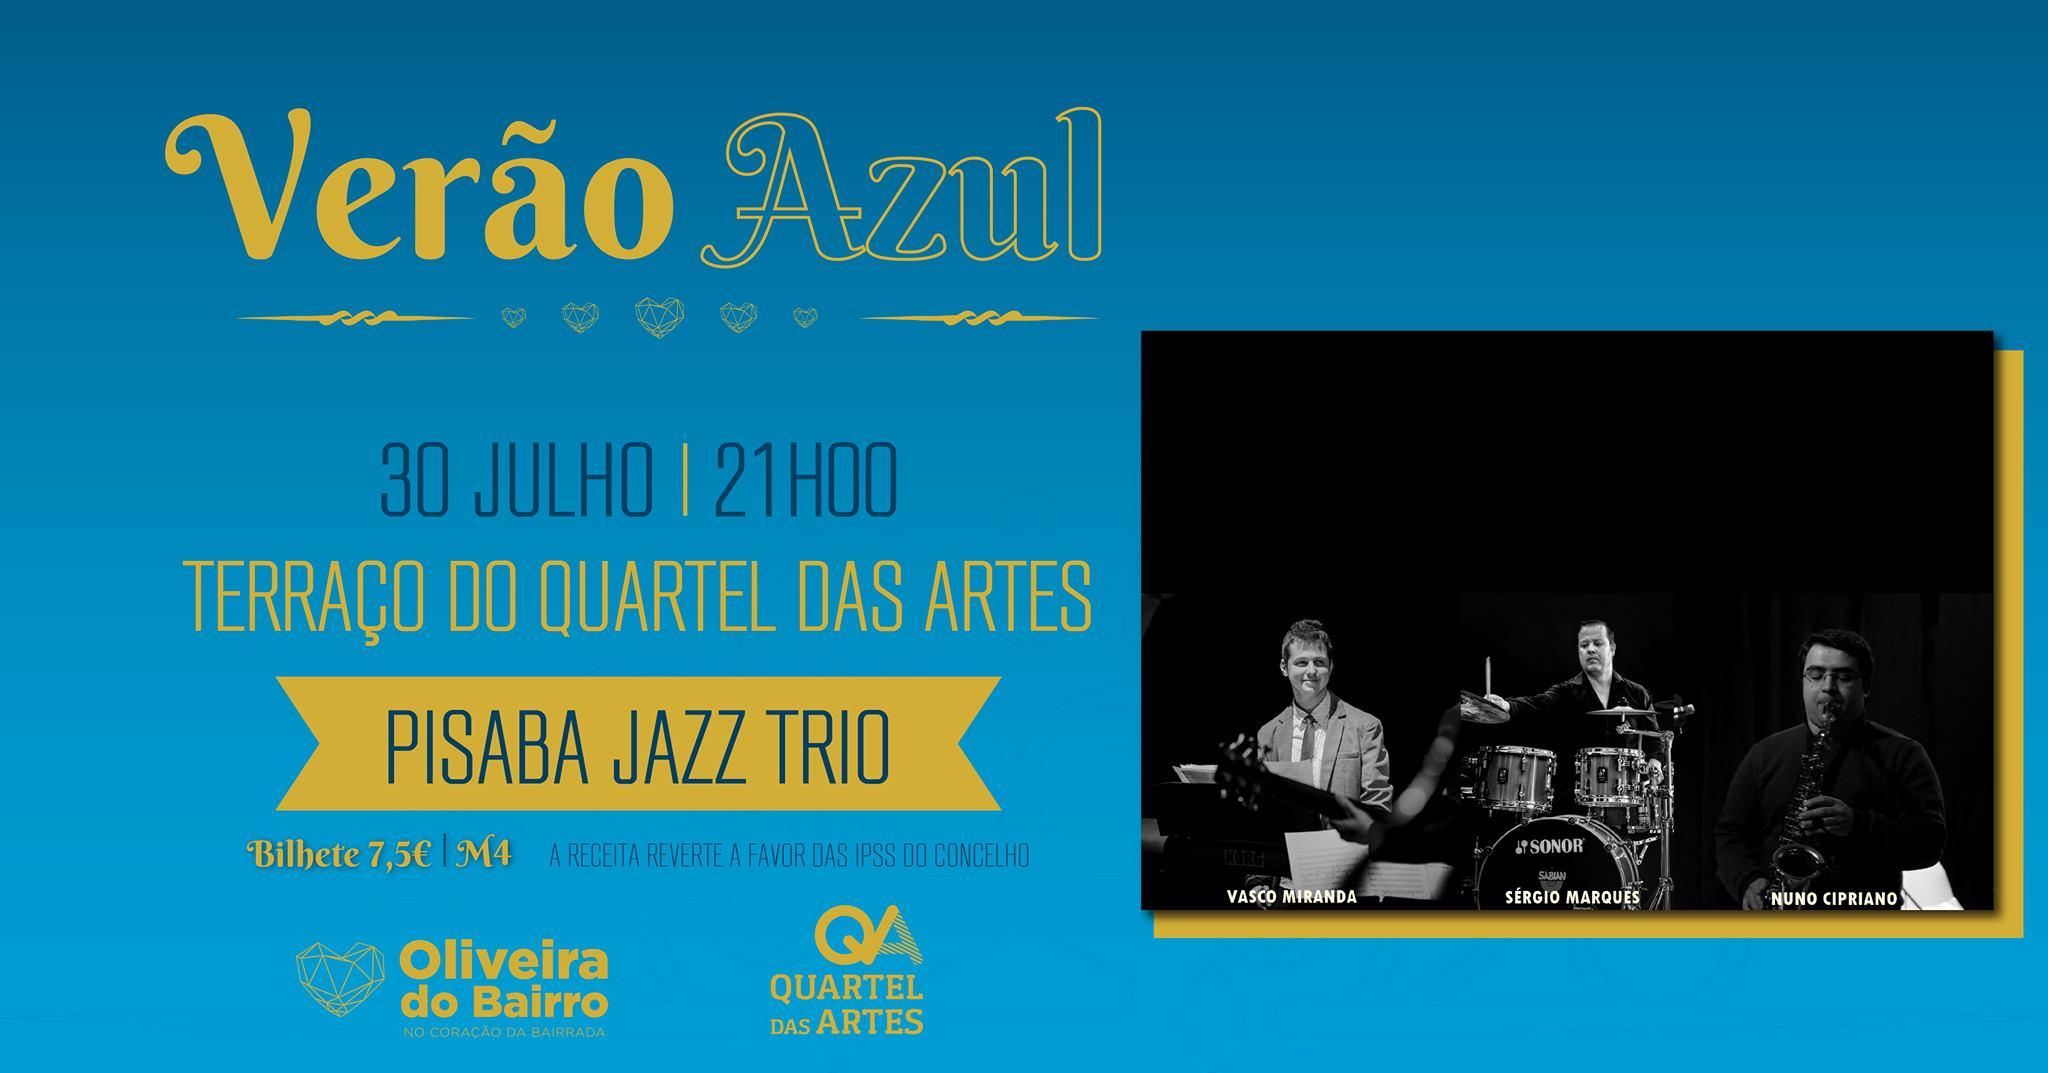 Noites no QA - Às sextas, música no terraço Pisaba Jazz Trio